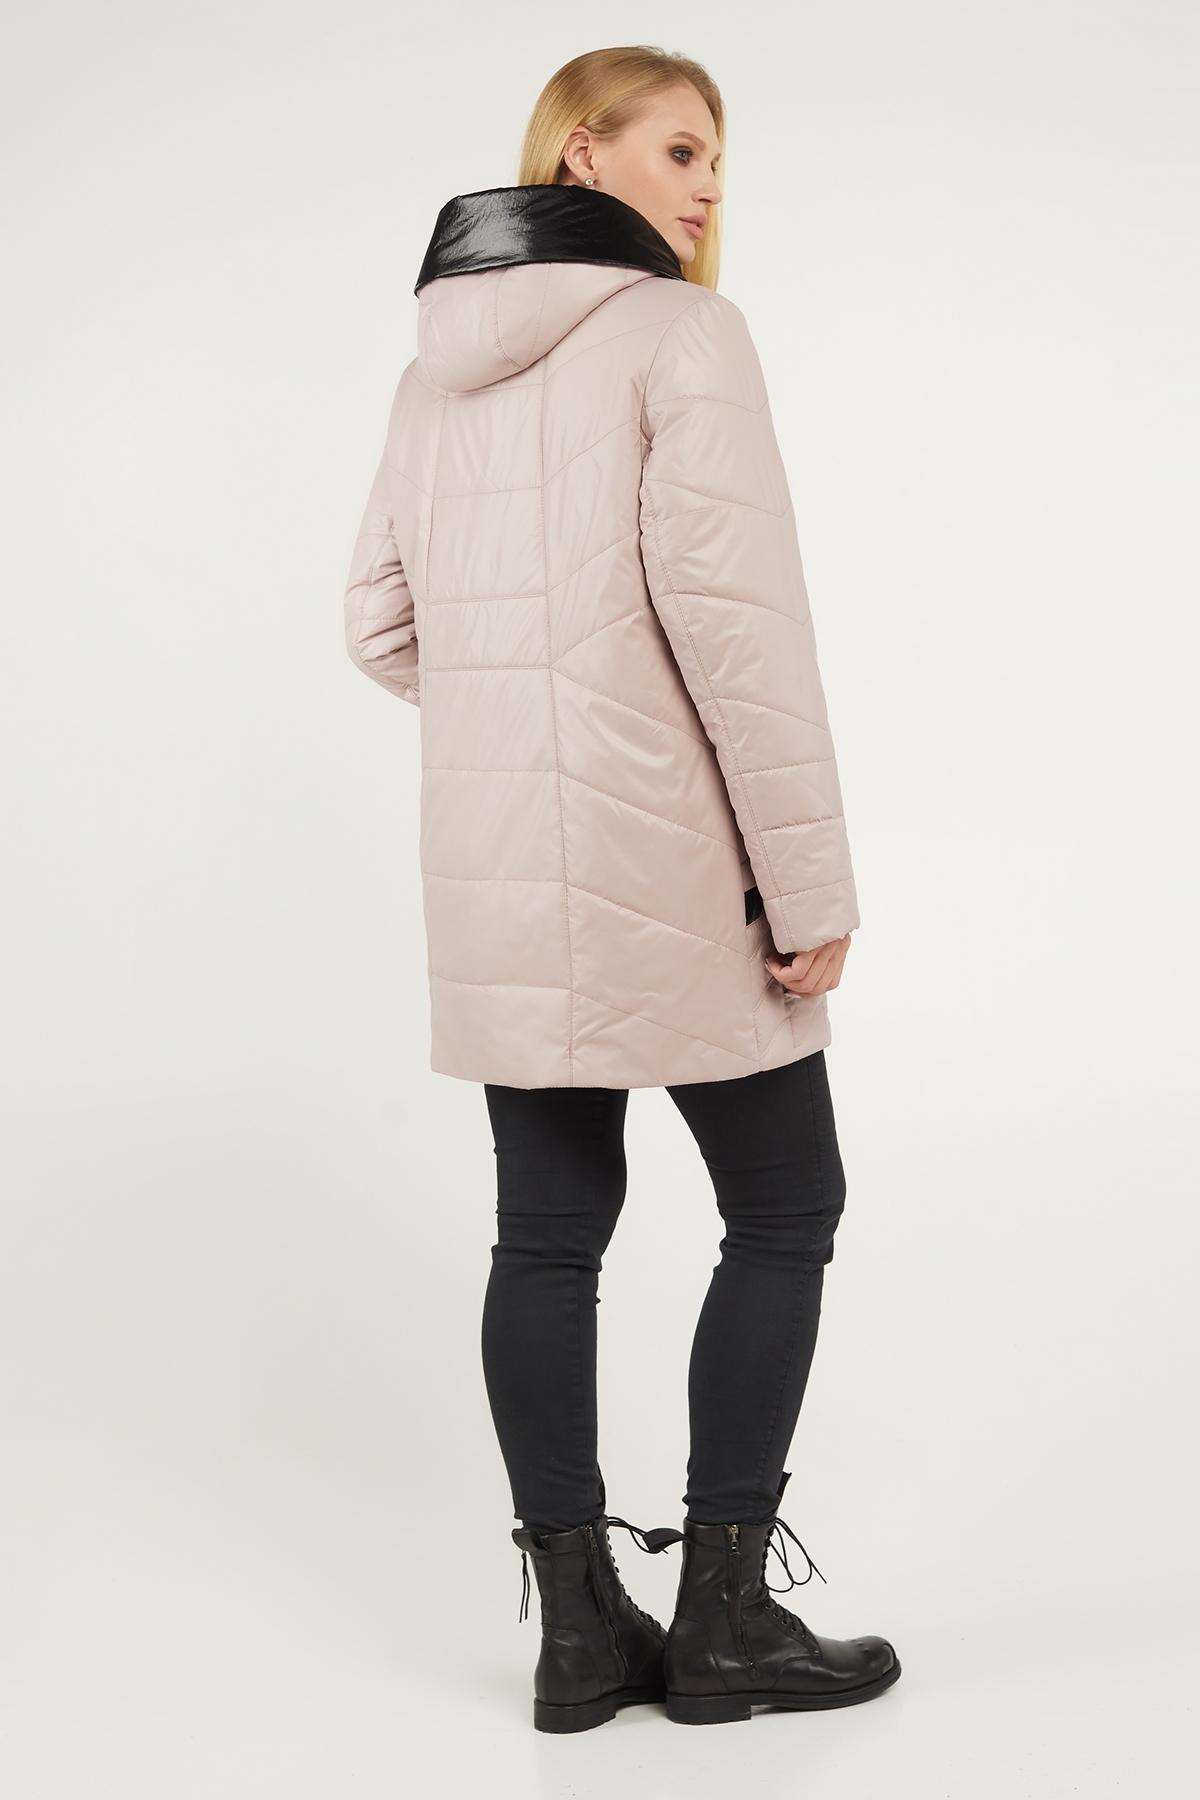 Куртка Парма (пудра)